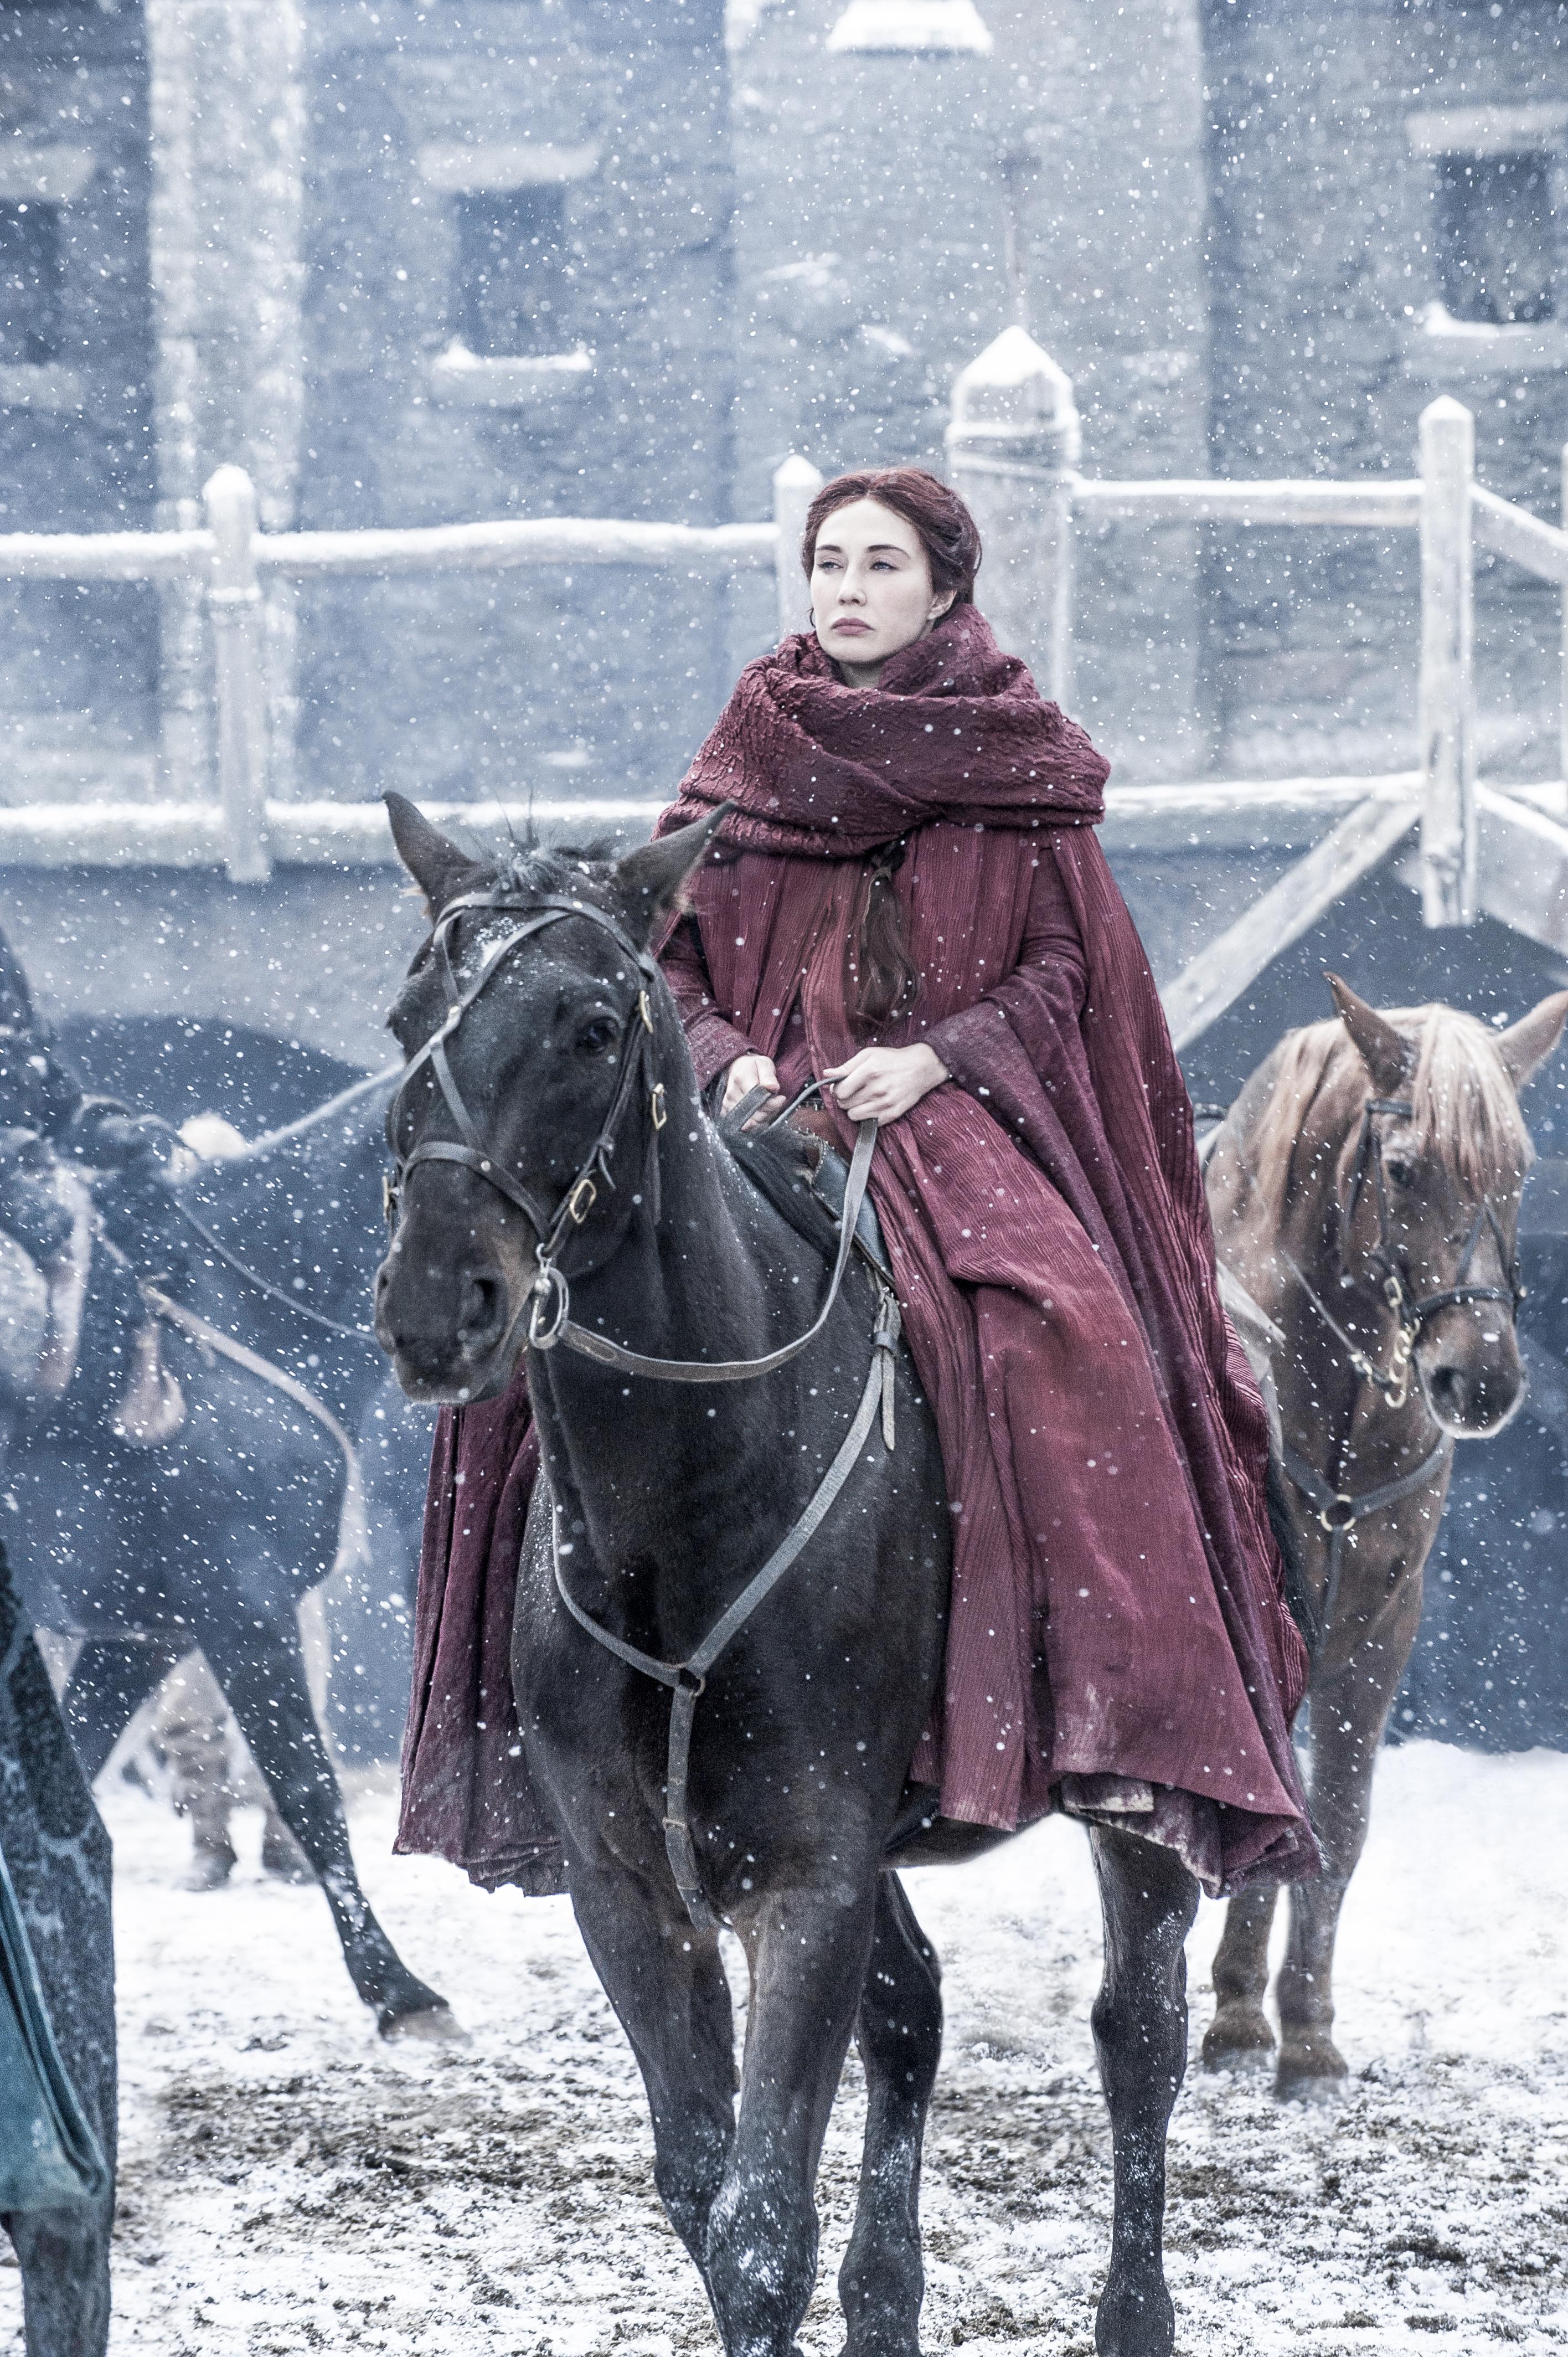 Carice van Houten as Melisandre. Photo by Helen Sloan/HBO